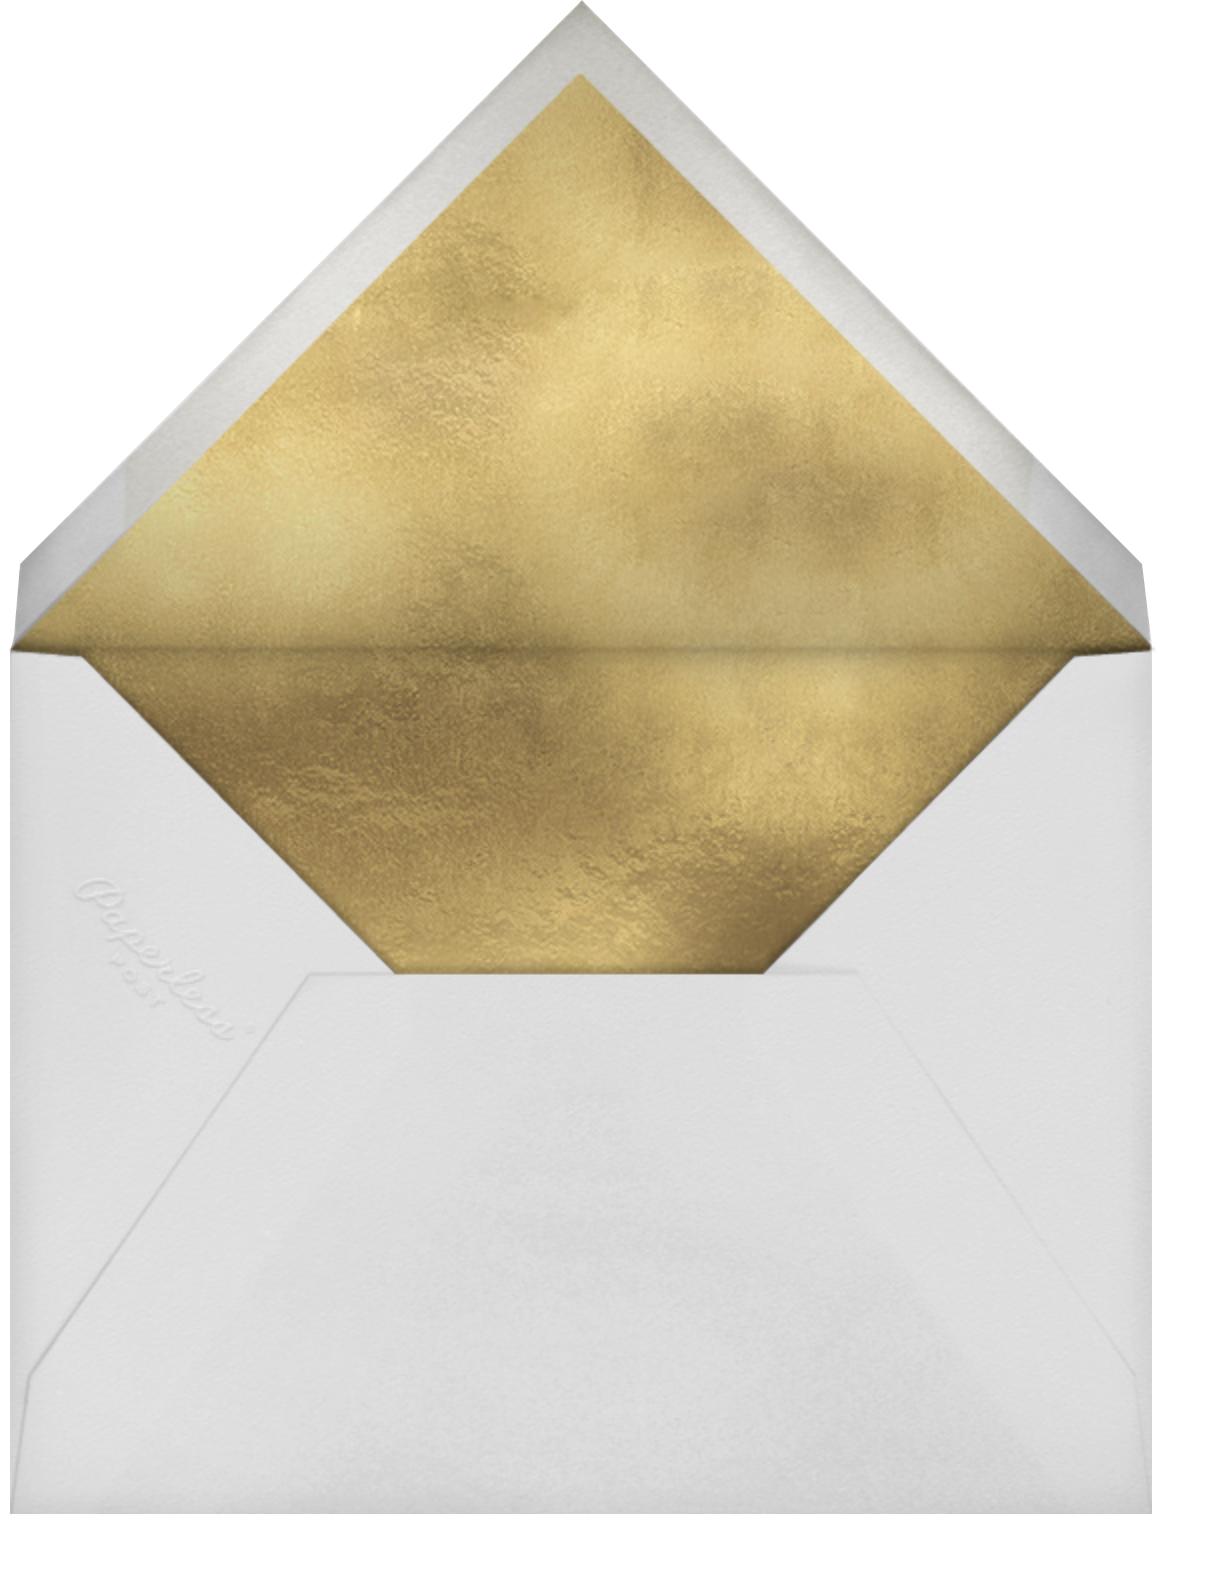 Hex Photo Frame - Kelly Wearstler - Photo  - envelope back